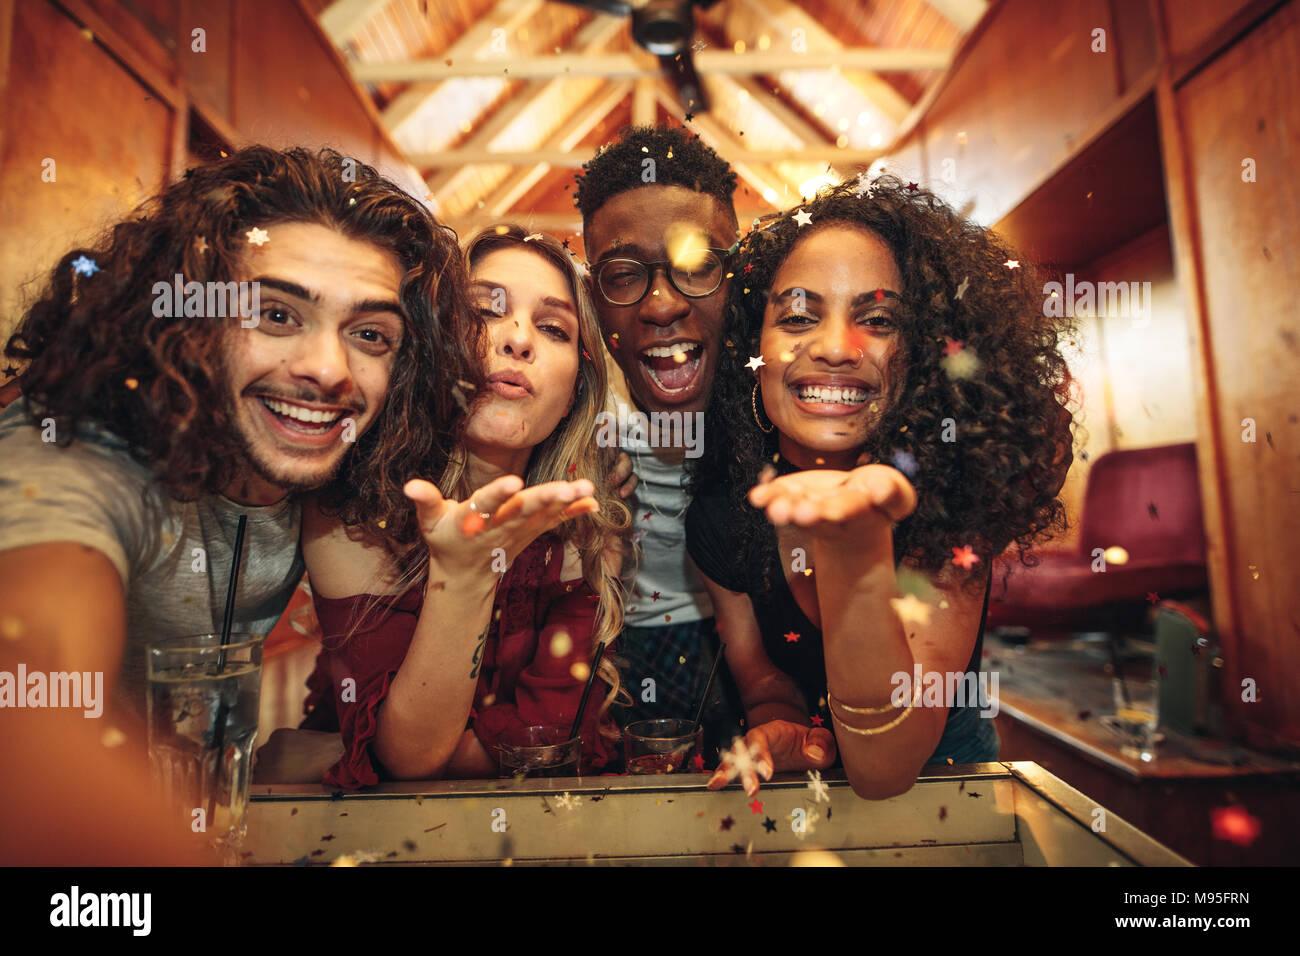 Groupe d'amis profitant d'une partie et en soufflant de confettis. Les hommes et les femmes la capture in at nightclub selfies. Photo Stock